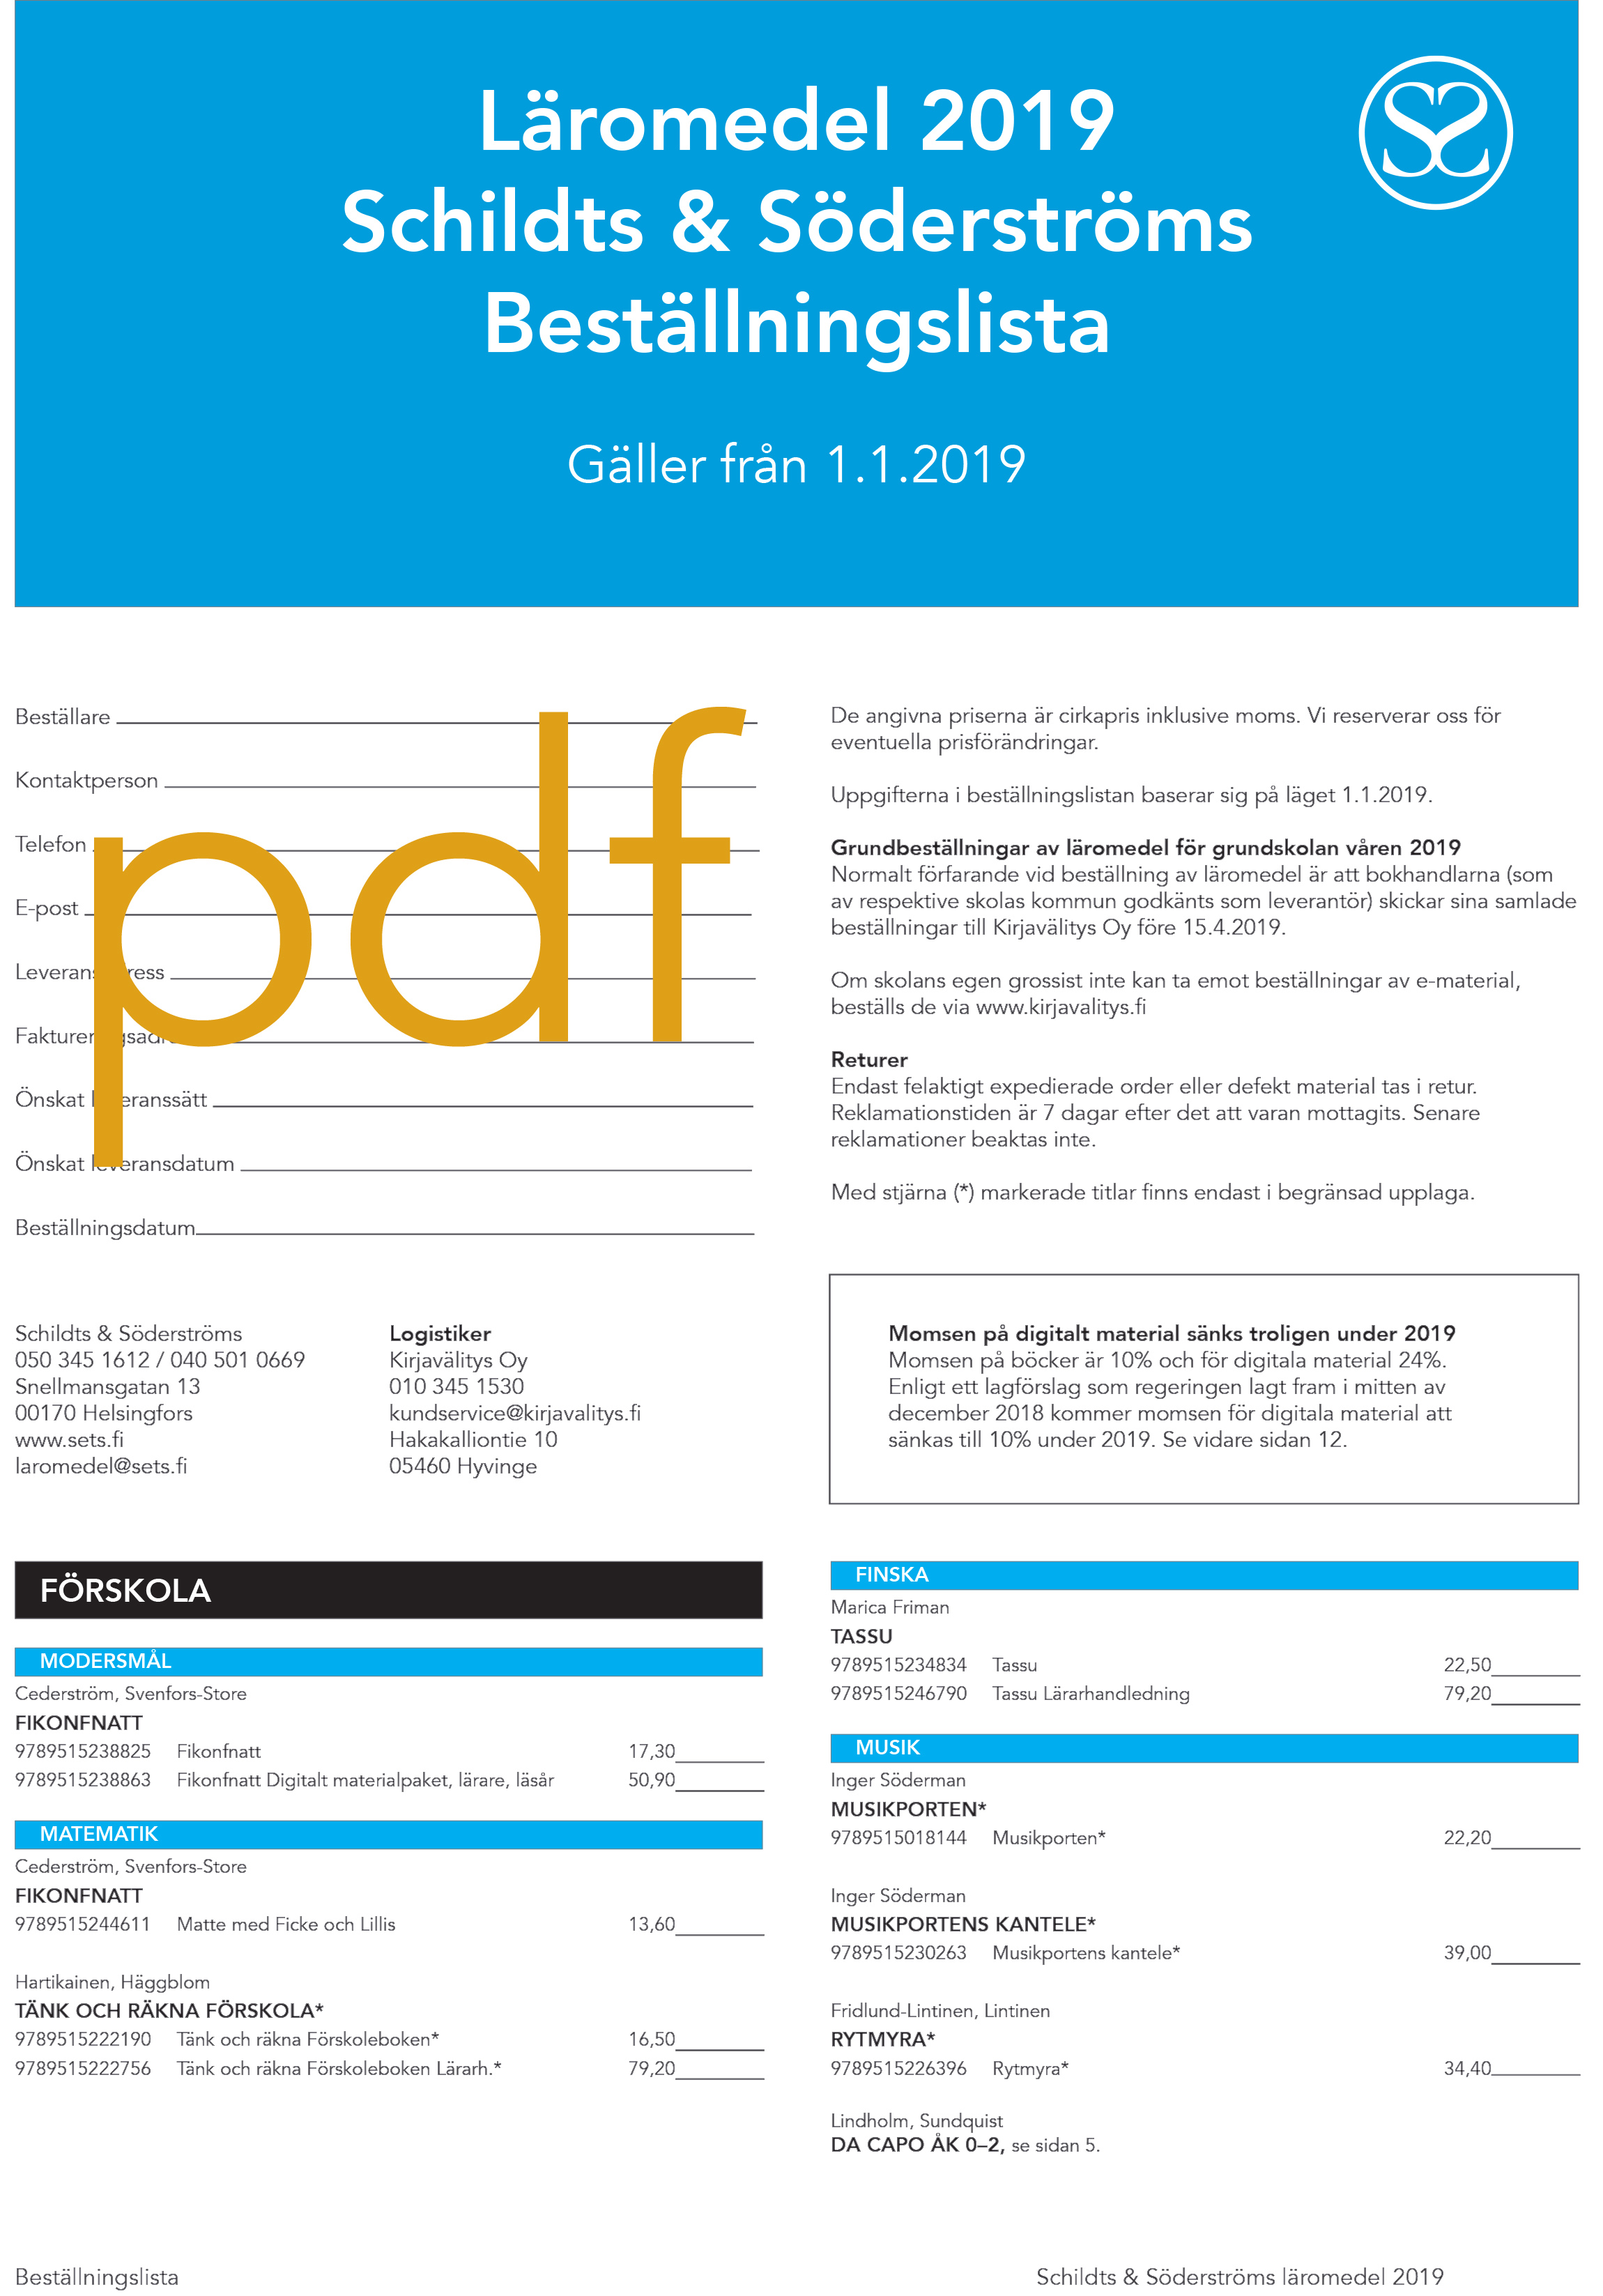 Beställningslista 2019 pdf